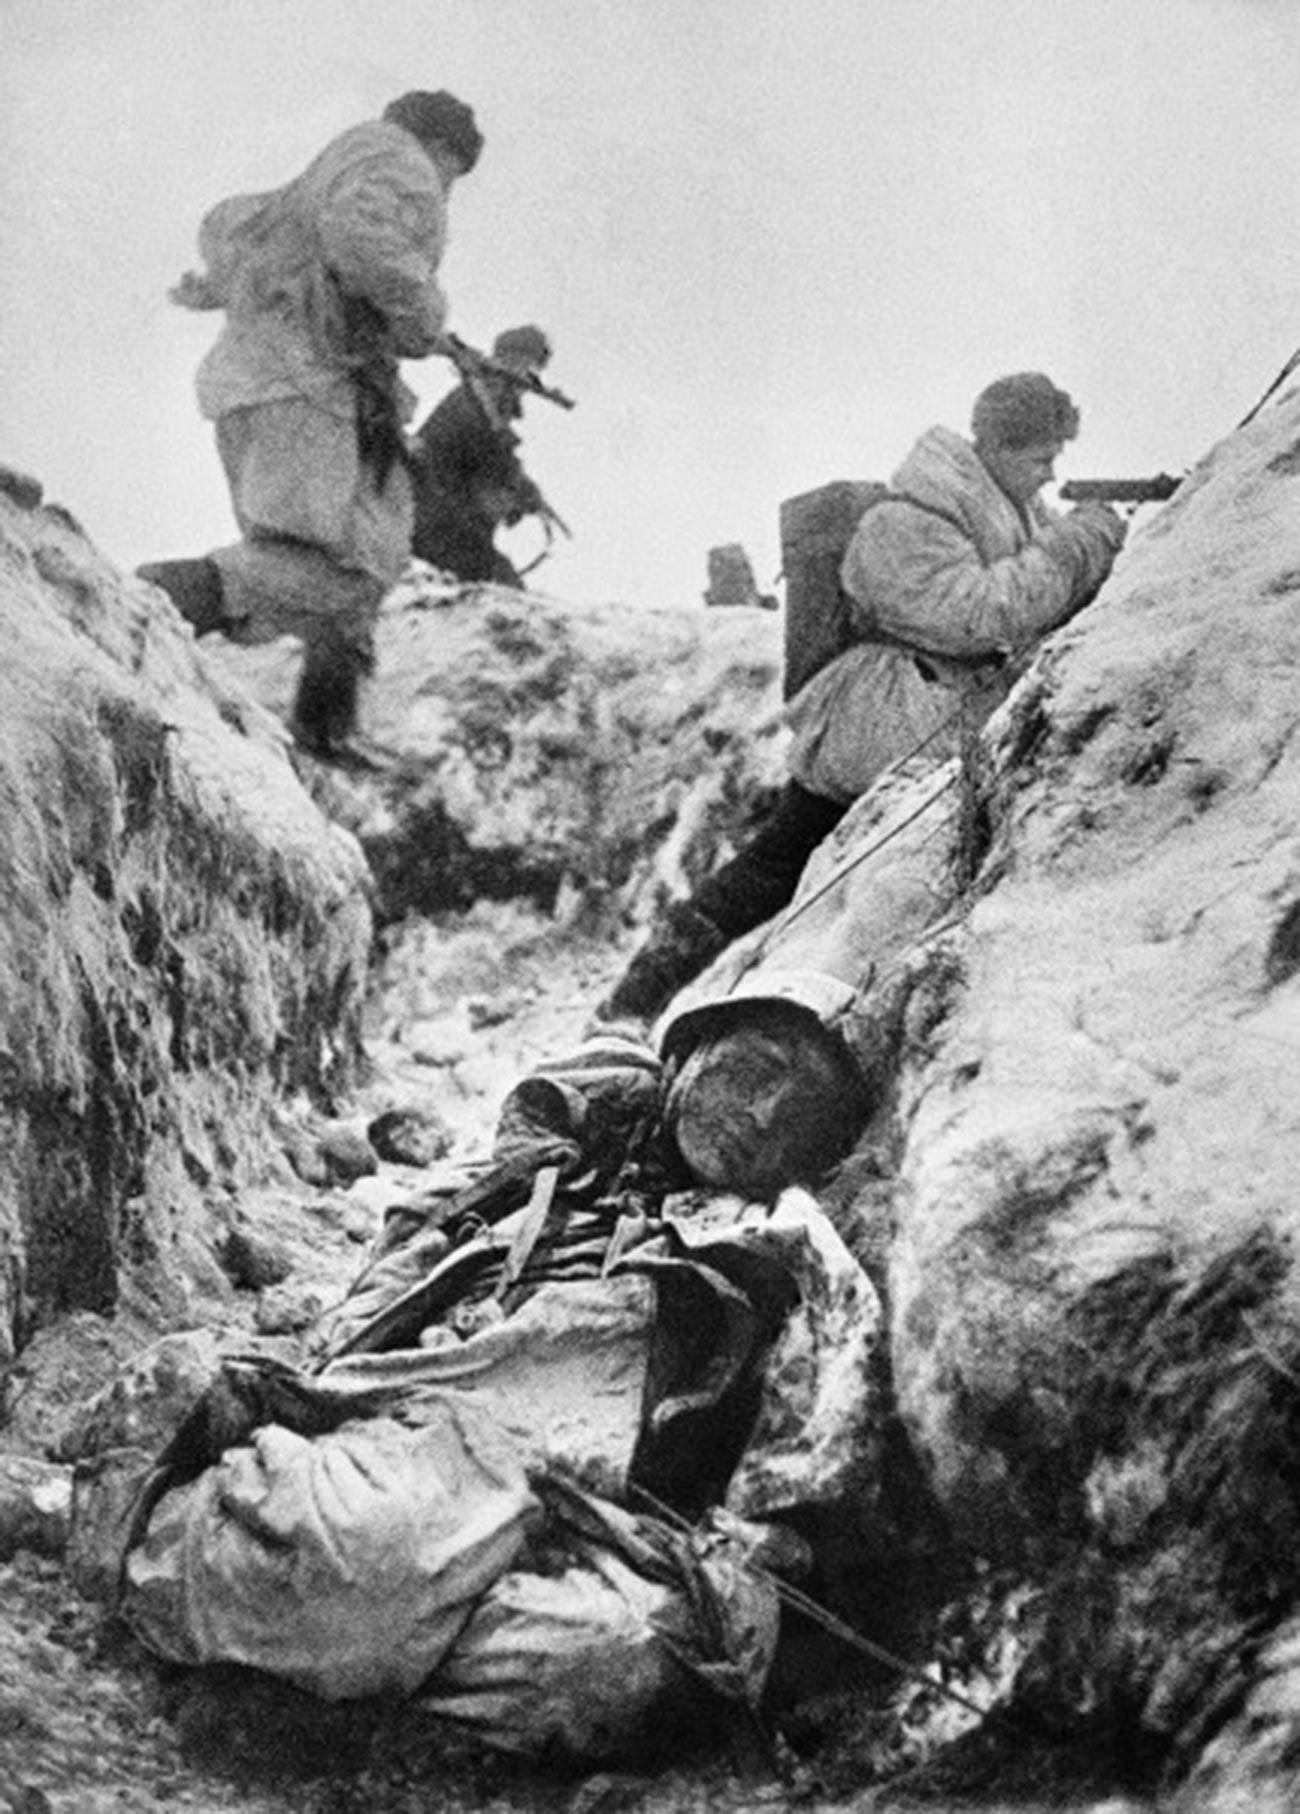 L'inizio dei combattimenti sul fronte di Leningrado